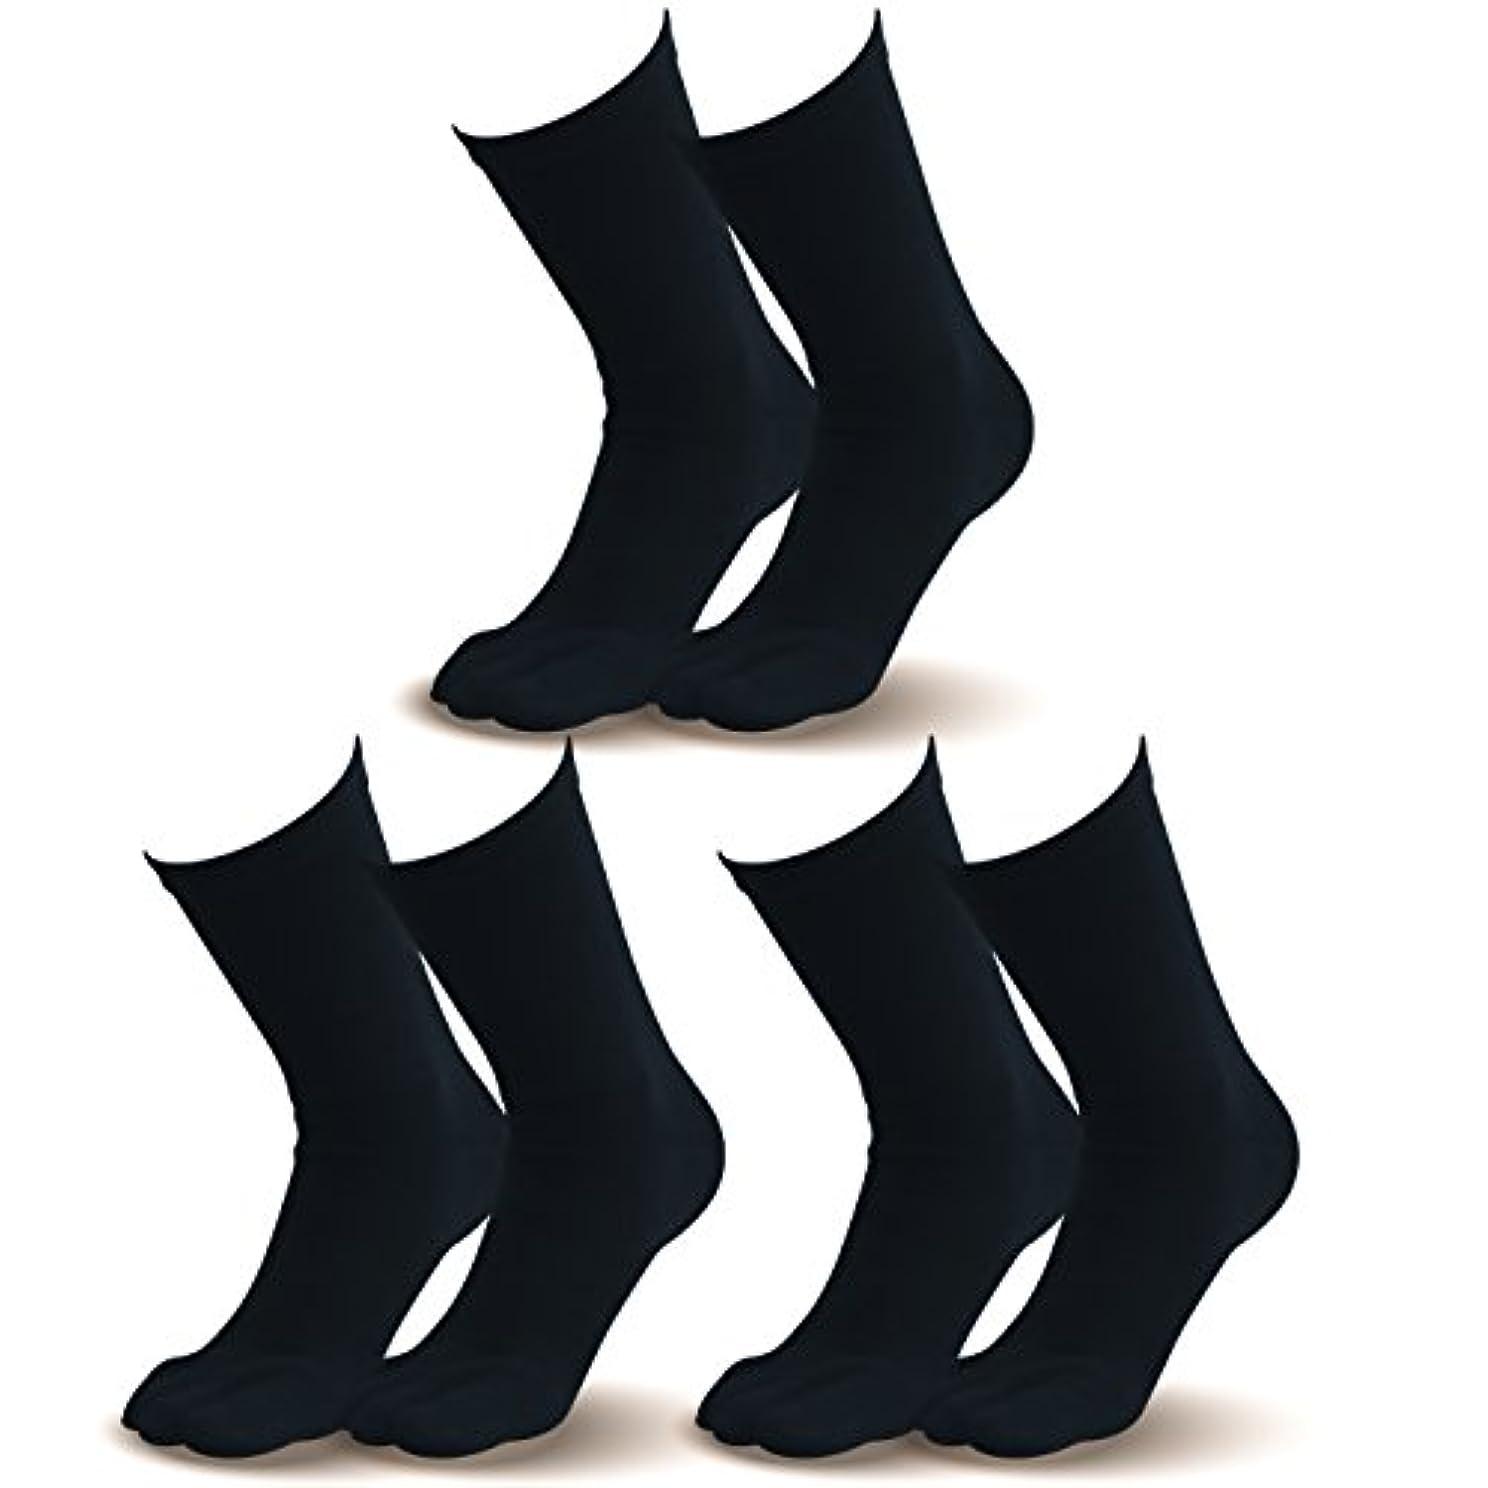 コピー履歴書雪【指先まであったか靴下】とってもお得な ブラック3足組  温かい 暖かい 遠赤外線加工 セラミック 伸びる 外反母趾対策 健康 5本指ソックス